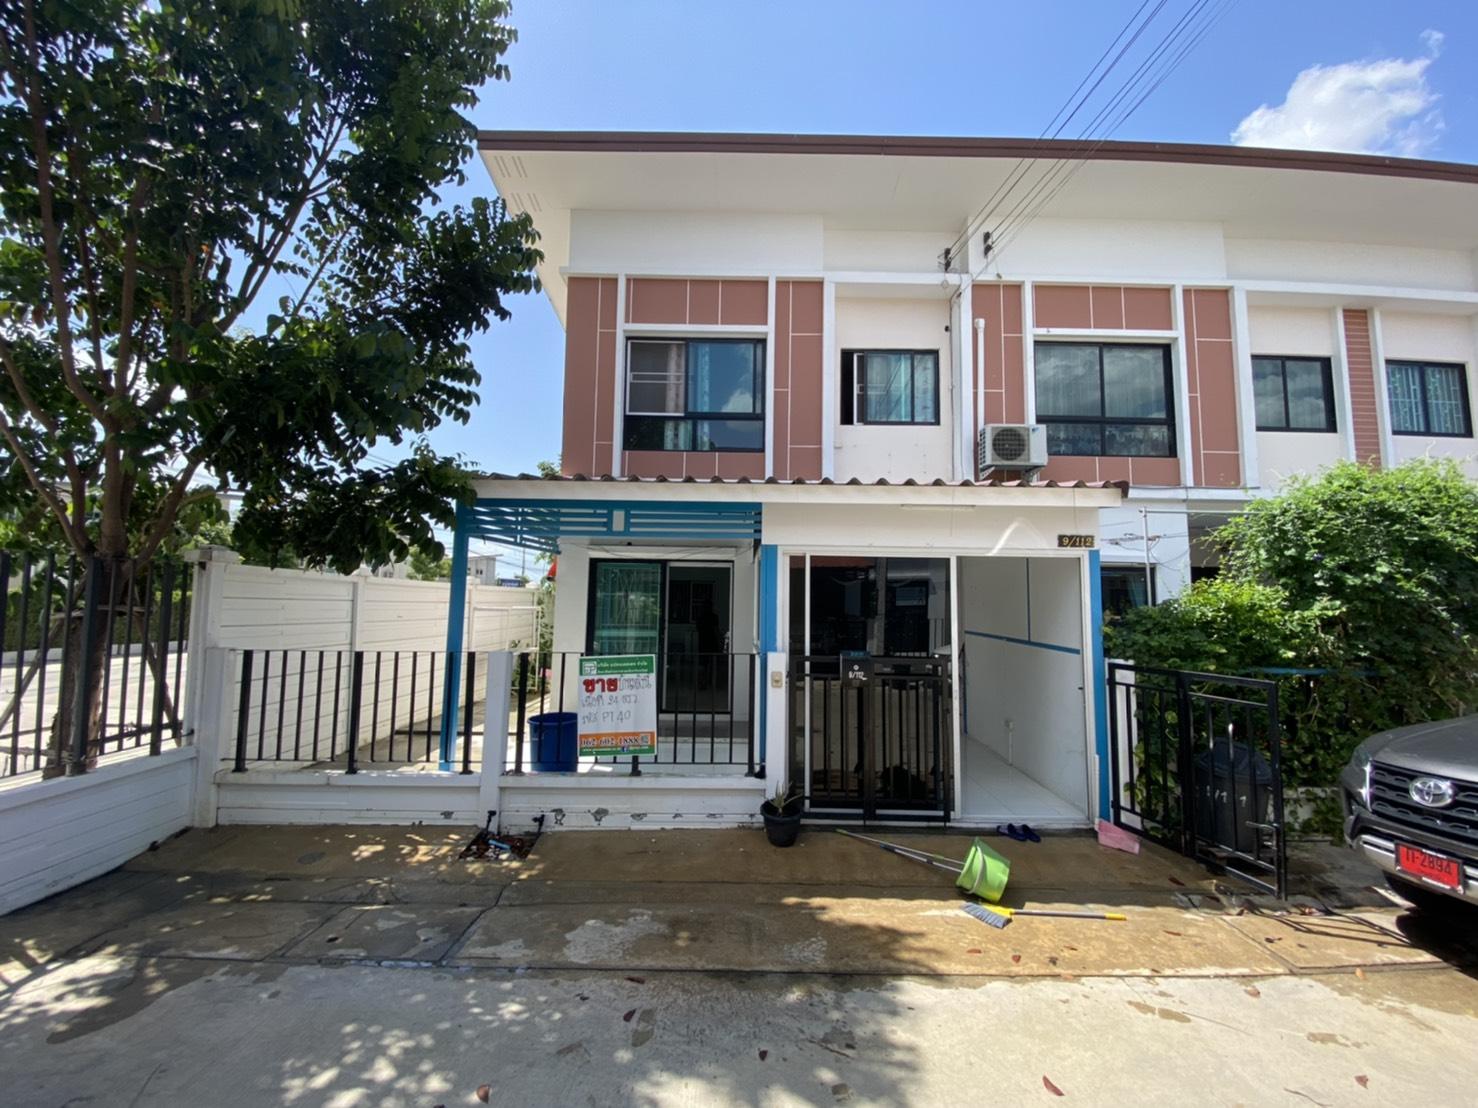 ภาพขายทาวน์เฮ้าส์เจ ทาวน์ รังสิต คลอง 1 J Town Rangsit Khlong 1